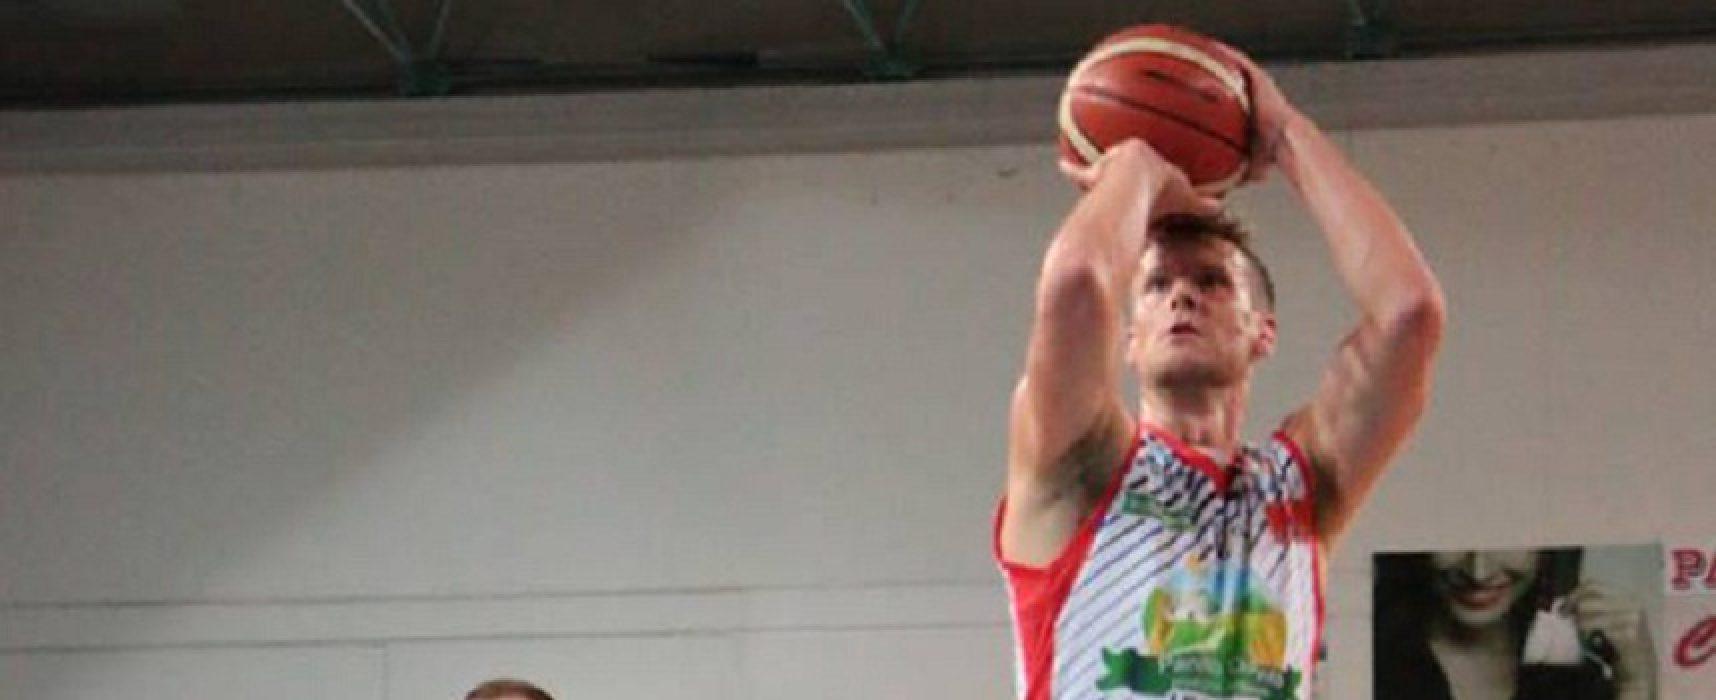 Basket, Di Pinto Panifici in cerca di continuità nella sfida casalinga contro Campli